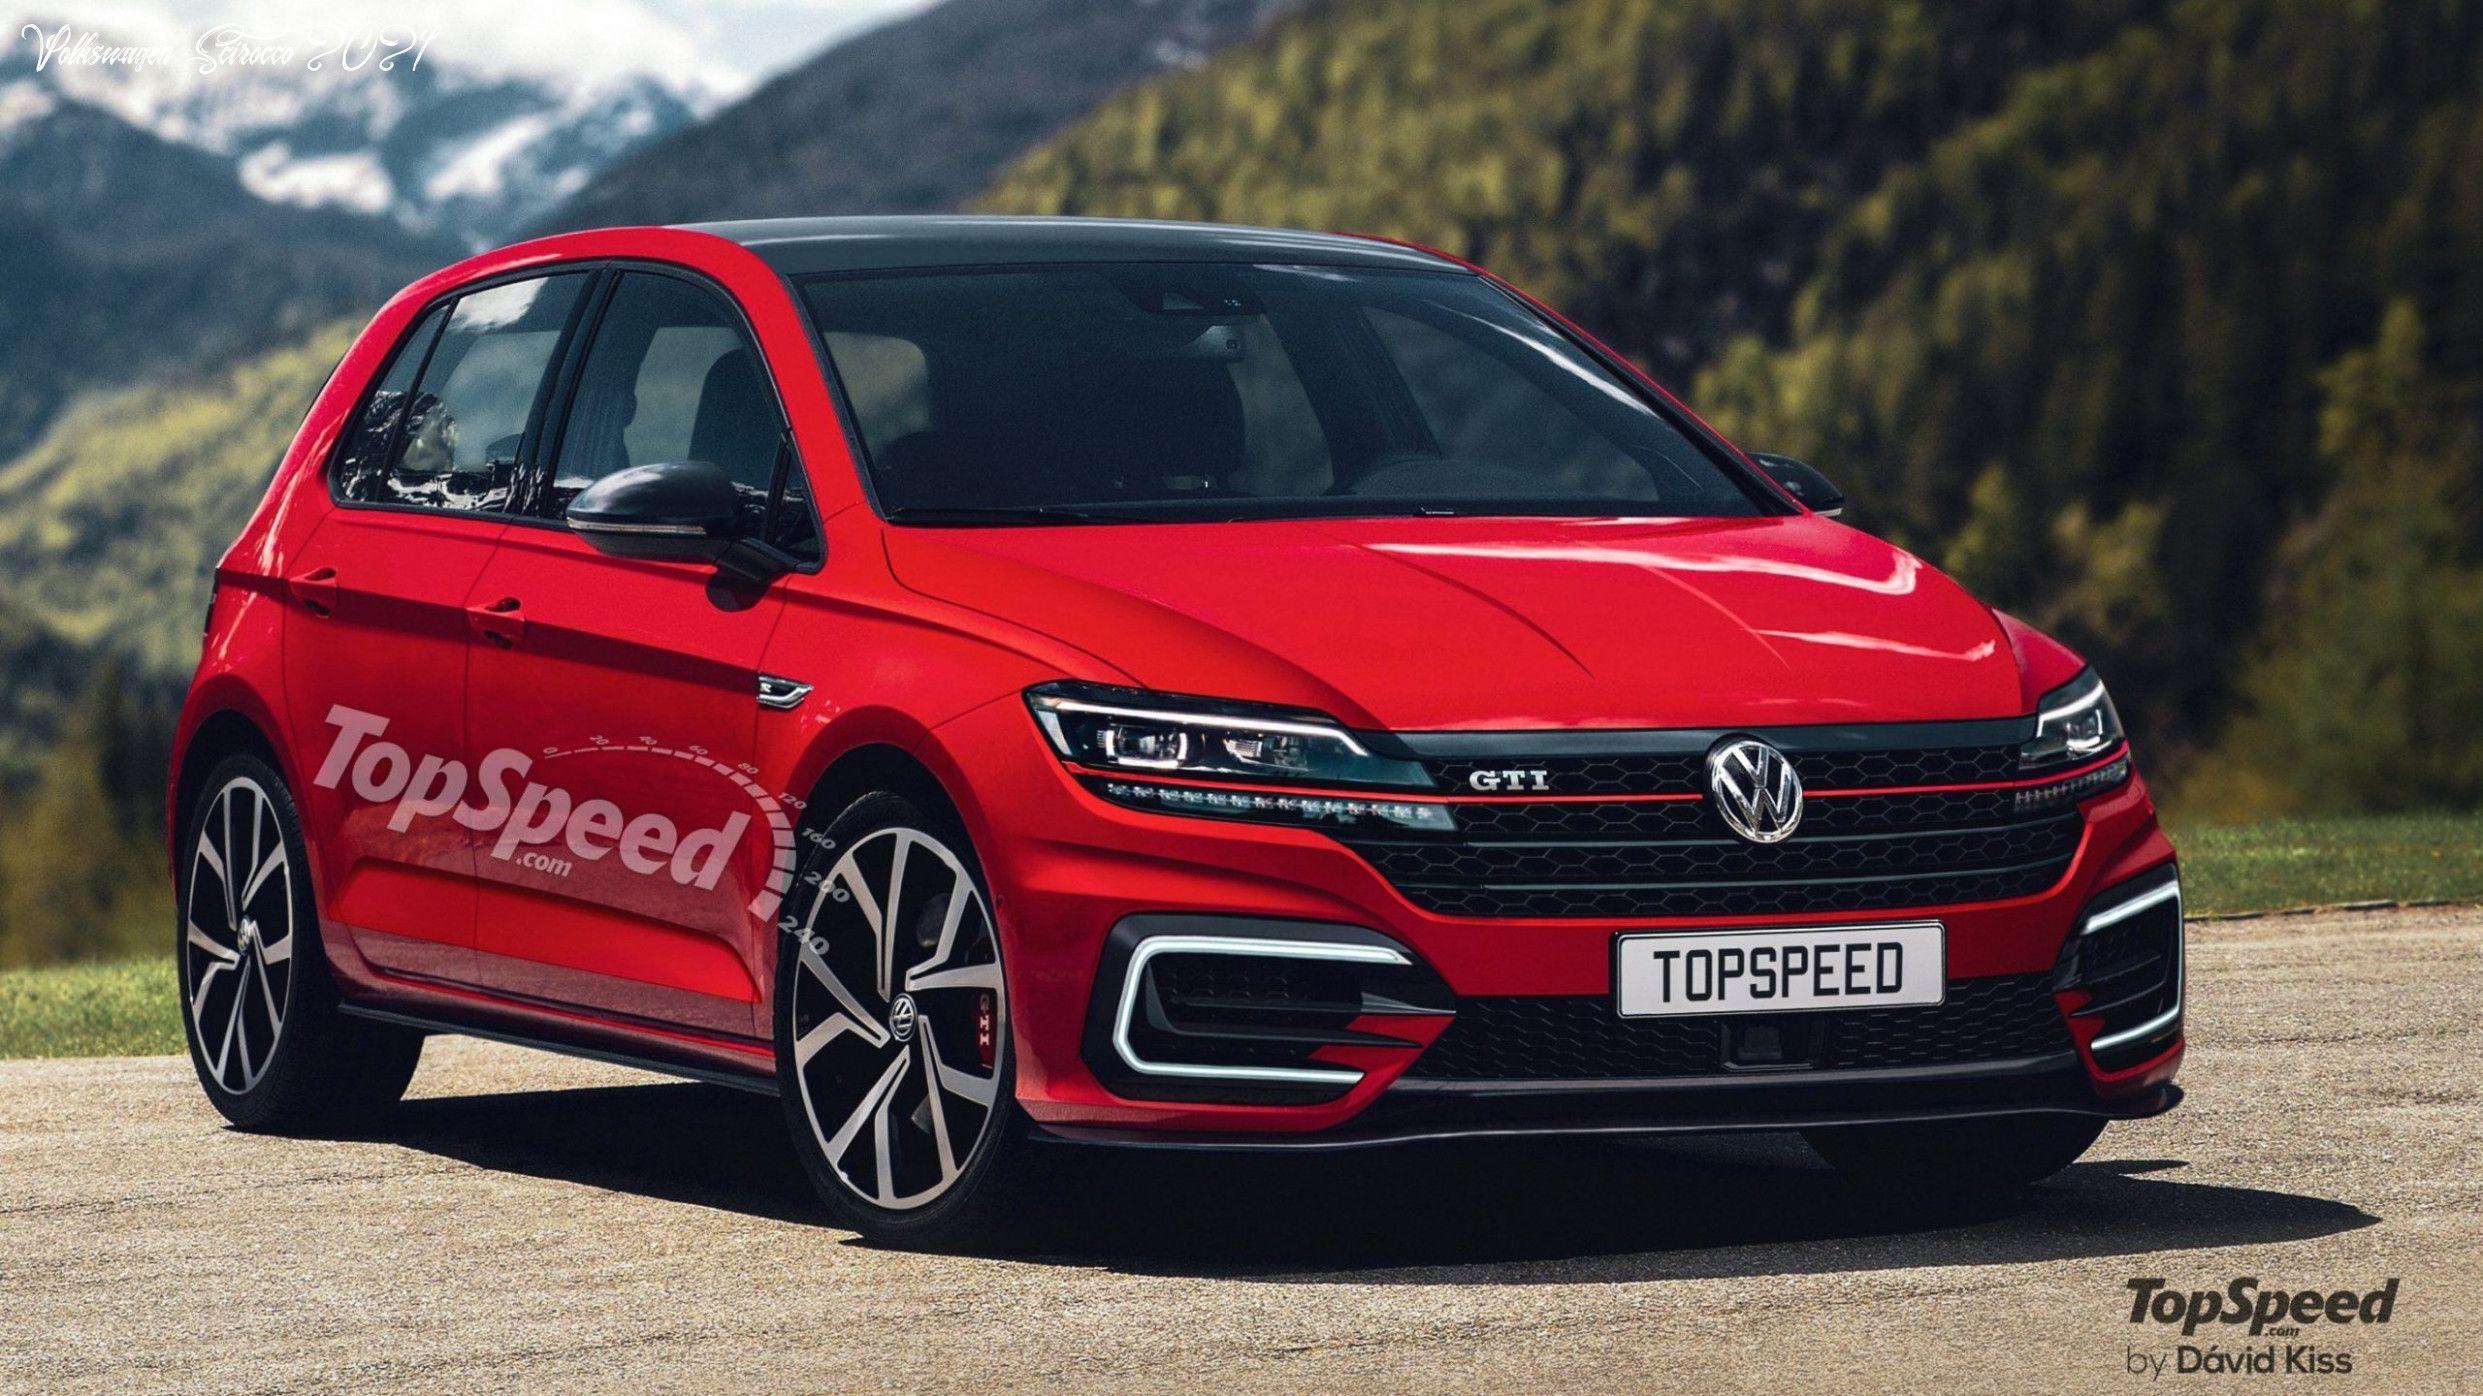 Volkswagen Scirocco 2021 Prices In 2020 Volkswagen Golf Volkswagen Golf Gti Volkswagen Golf R